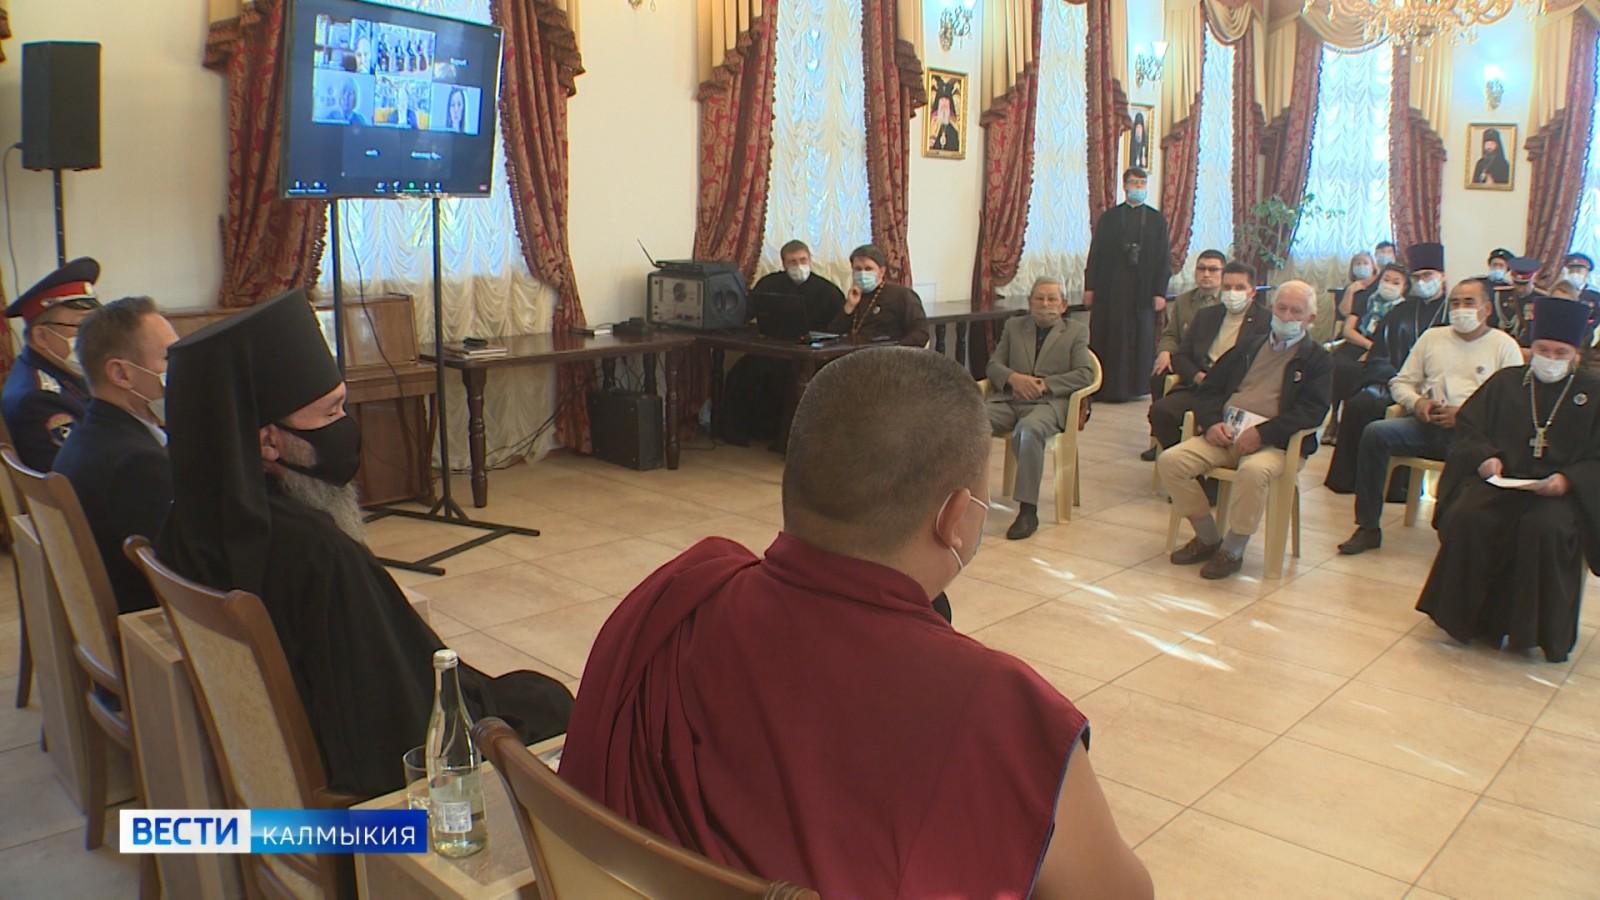 В Казанском кафедральном соборе состоялся межконфессиональный круглый стол